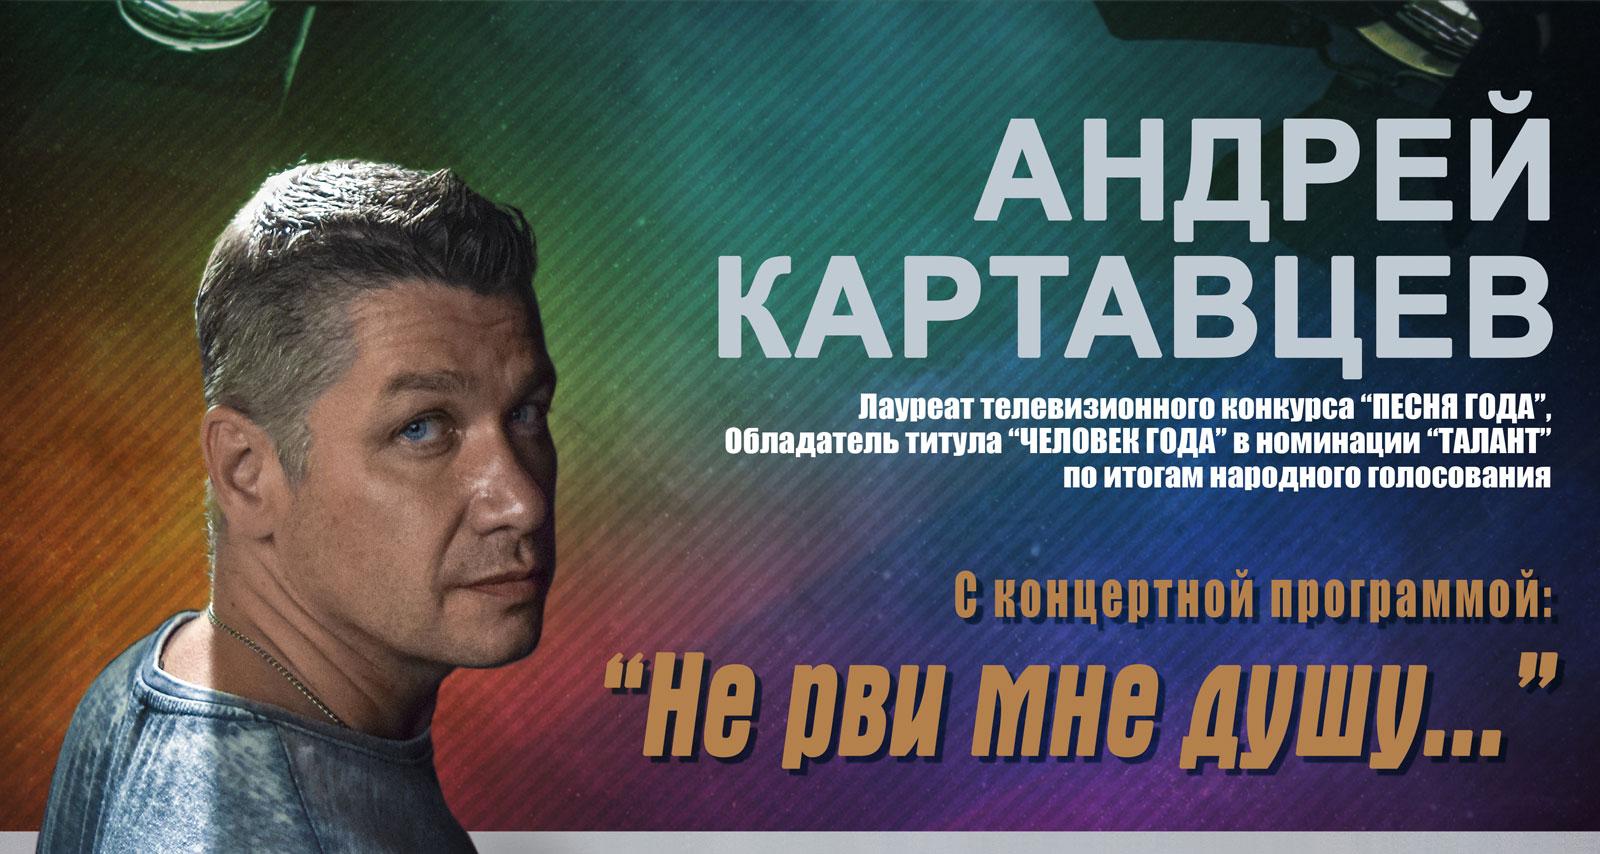 АНДРЕЙ КАРТАВЦЕВ НОВЫЕ ПЕСНИ 2017 СКАЧАТЬ БЕСПЛАТНО